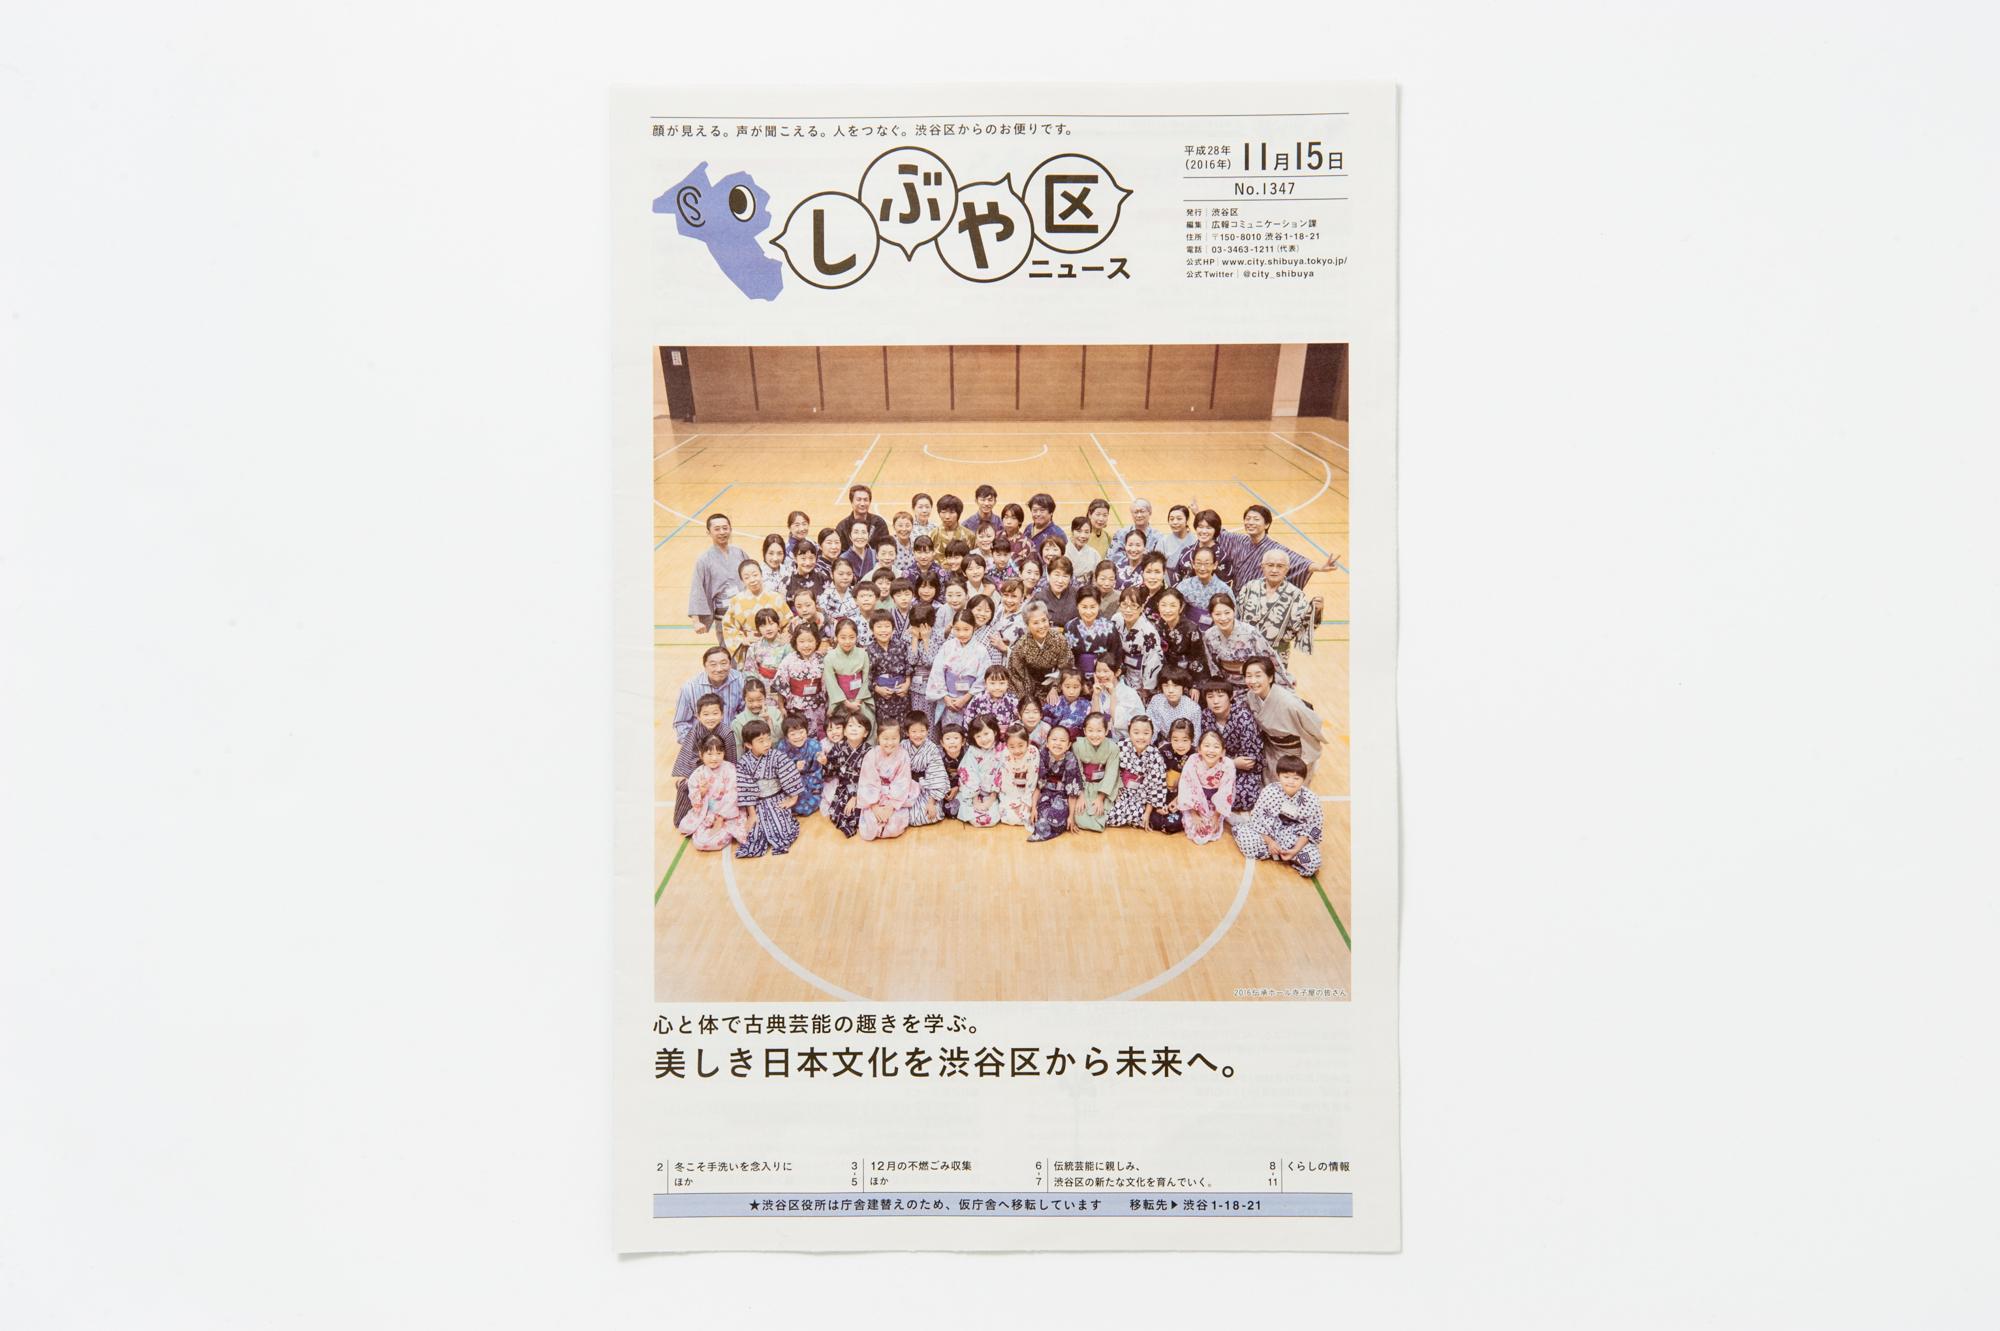 しぶや区ニュース11月15日  2016 photo:TADA